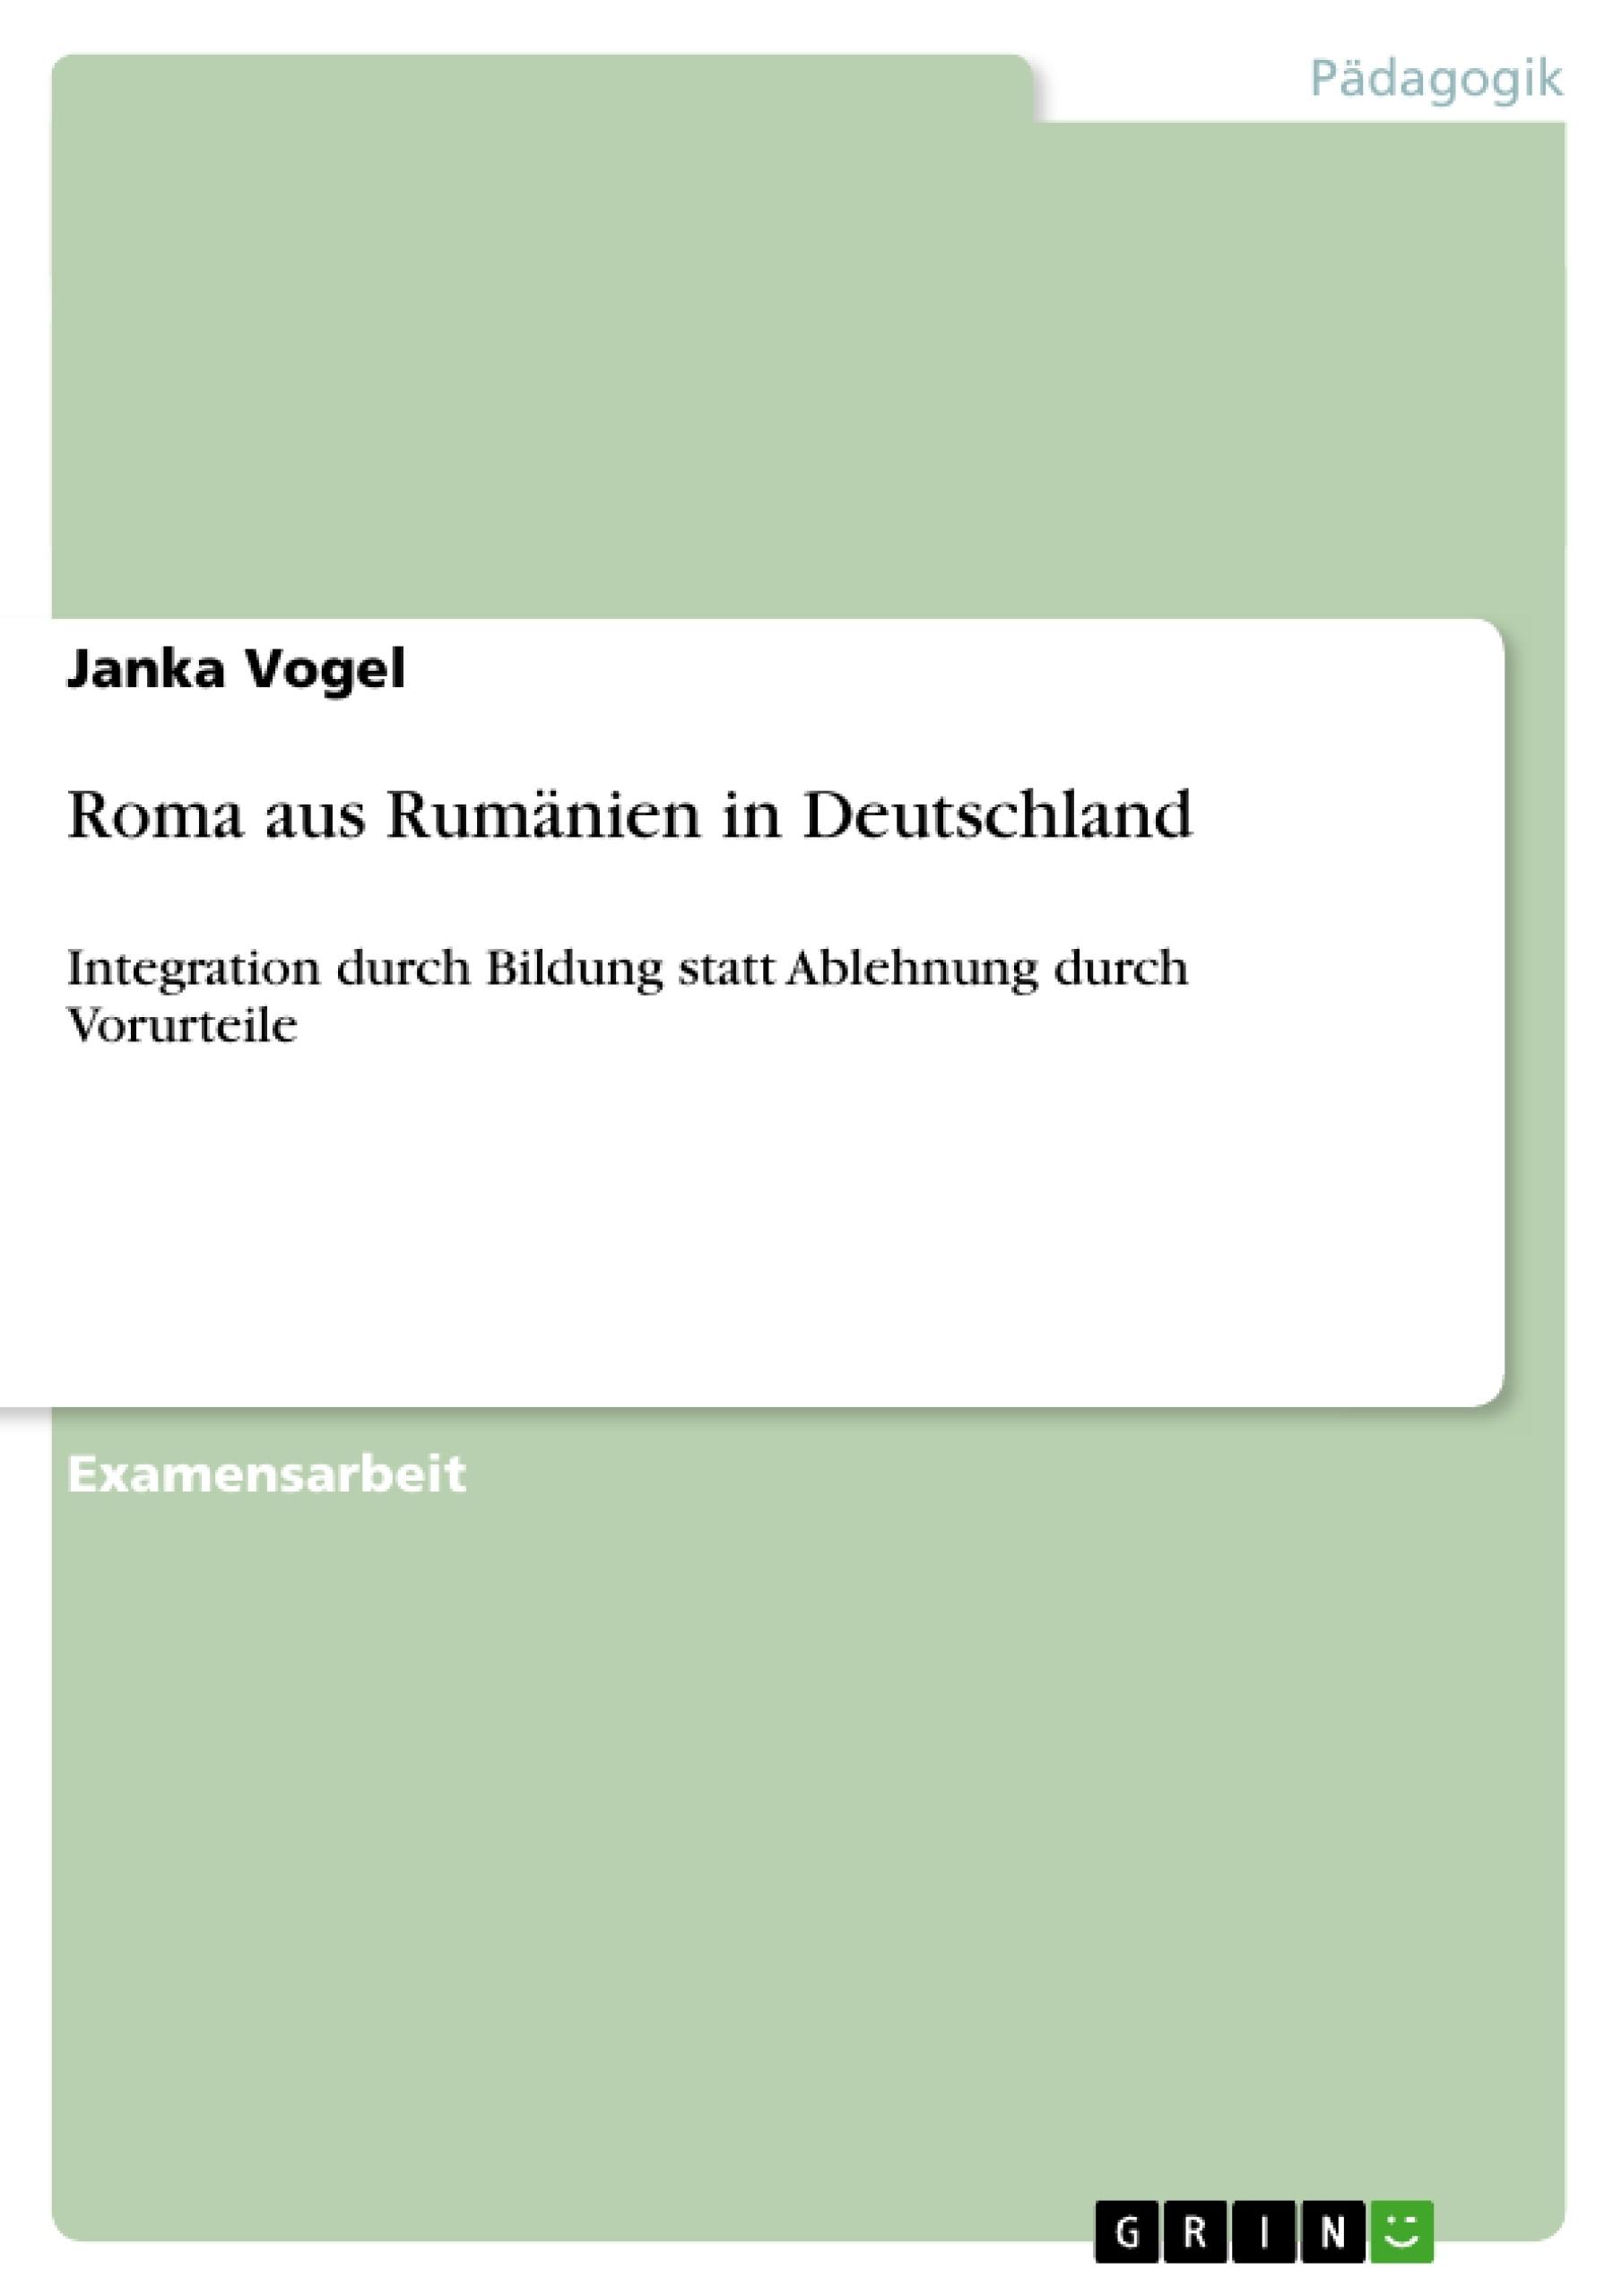 Titel: Roma aus Rumänien in Deutschland